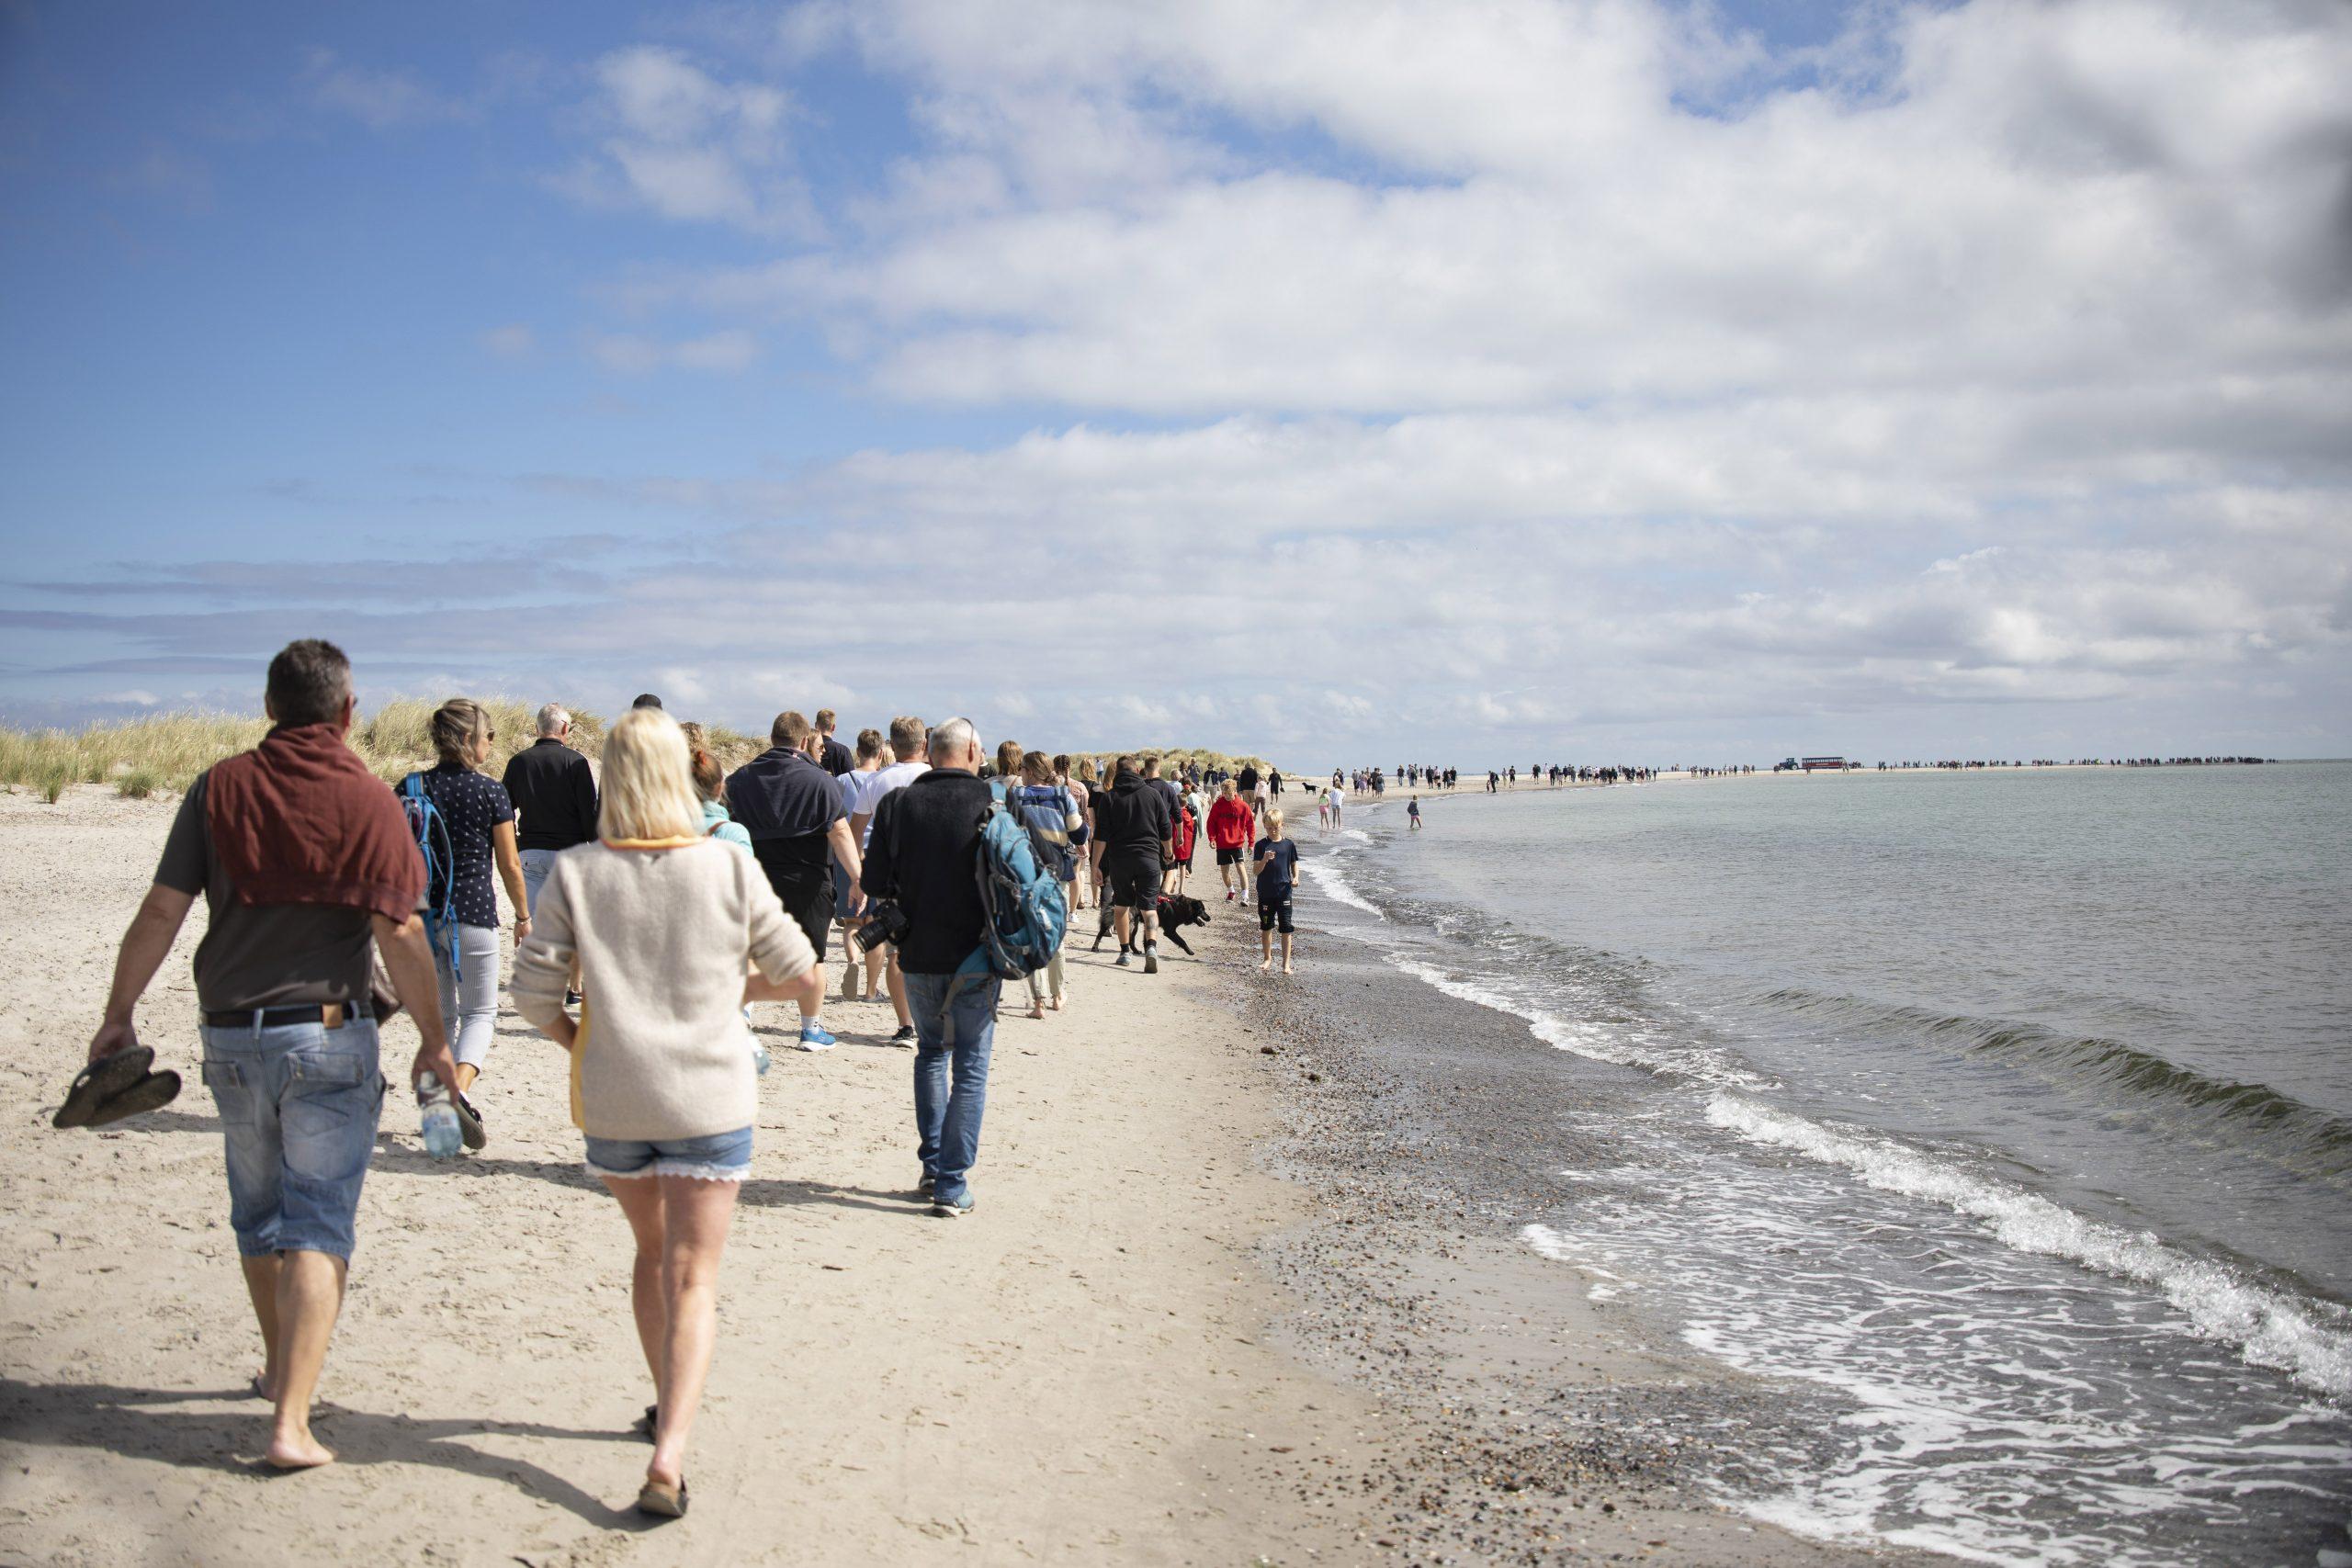 De stadig flere åbne rejsemål i udlandet reducerer efterspørgslen efter ferie i Danmark. Derfor kommer Turisthus Nord nu med ny kampagne for at trække flere turister til Nordjylland. Pressefoto: Turisthus Nord.